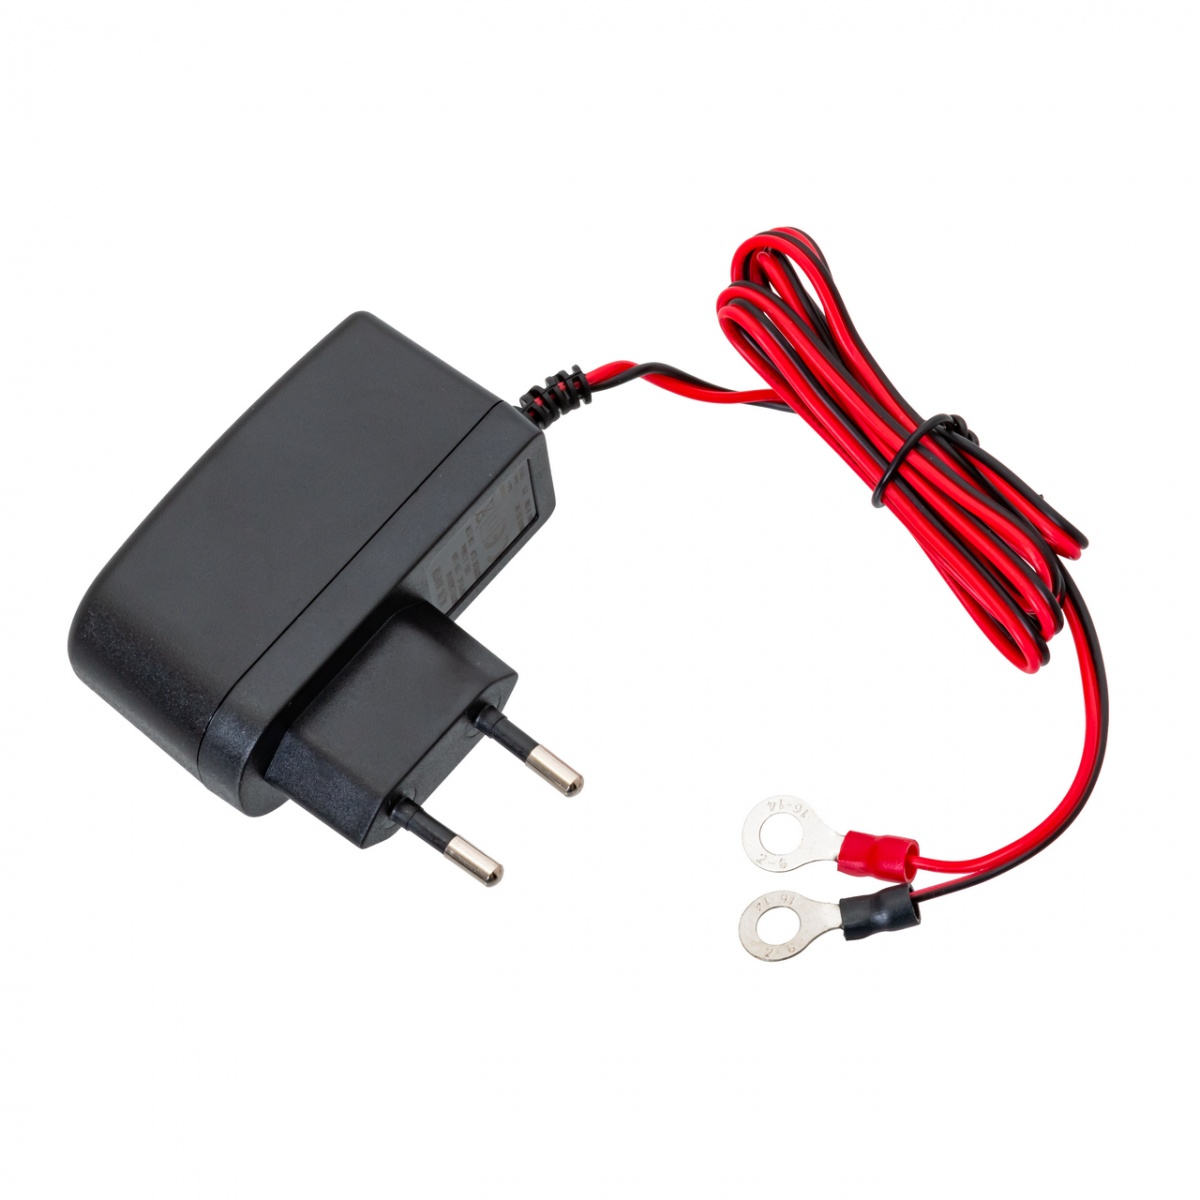 Aparat gard electric DL3200, 3,2 Joule, cu adaptor de rețea 230/12V